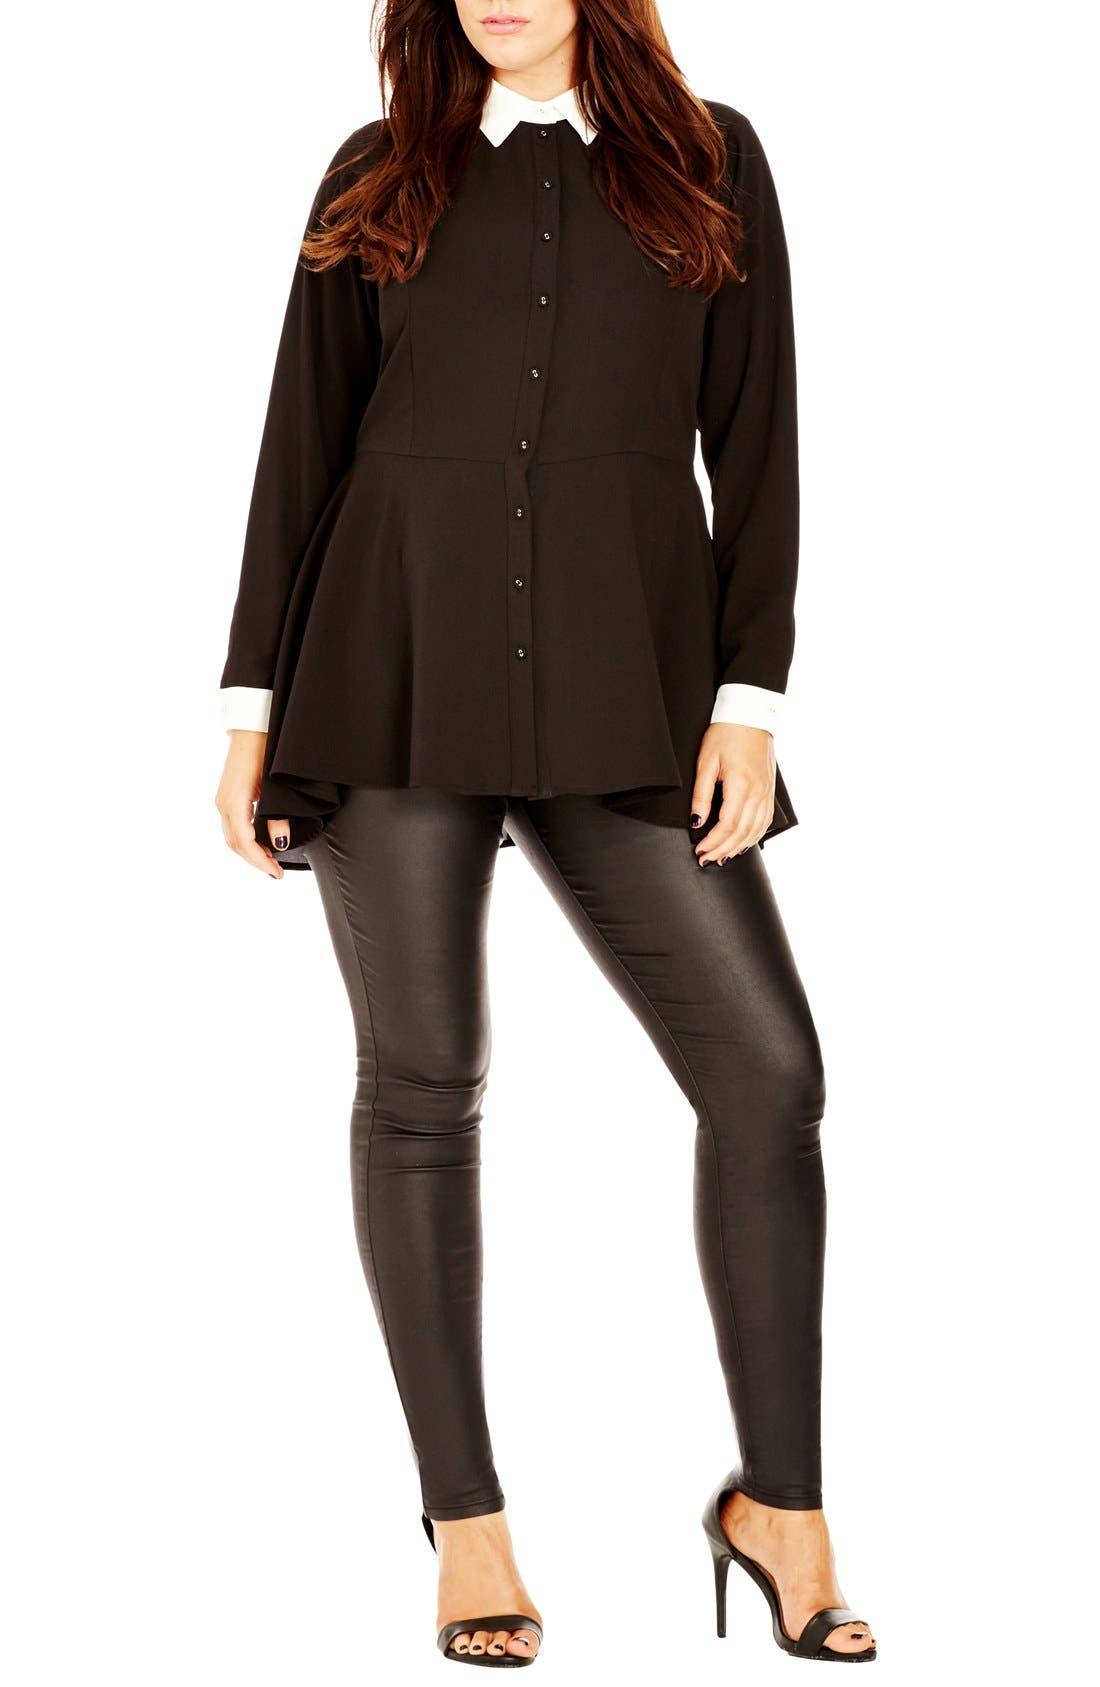 Contrast Trim Fit & Flare Shirt,                         Main,                         color, Black